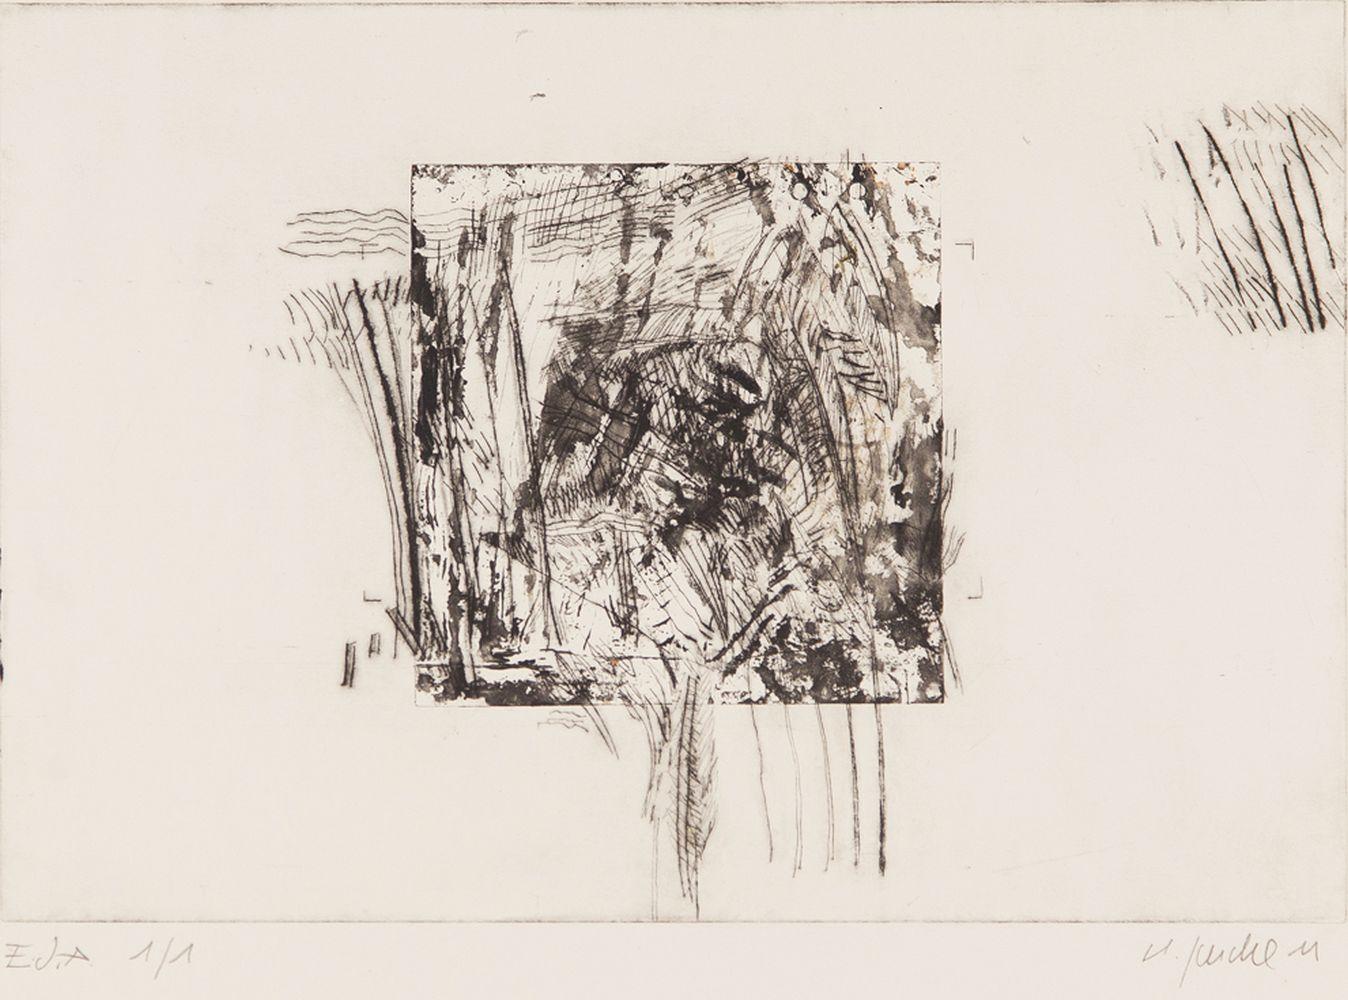 Square Garden - Kaltnadelradierung auf Tiefdruckpapier 45x40cm - 2011